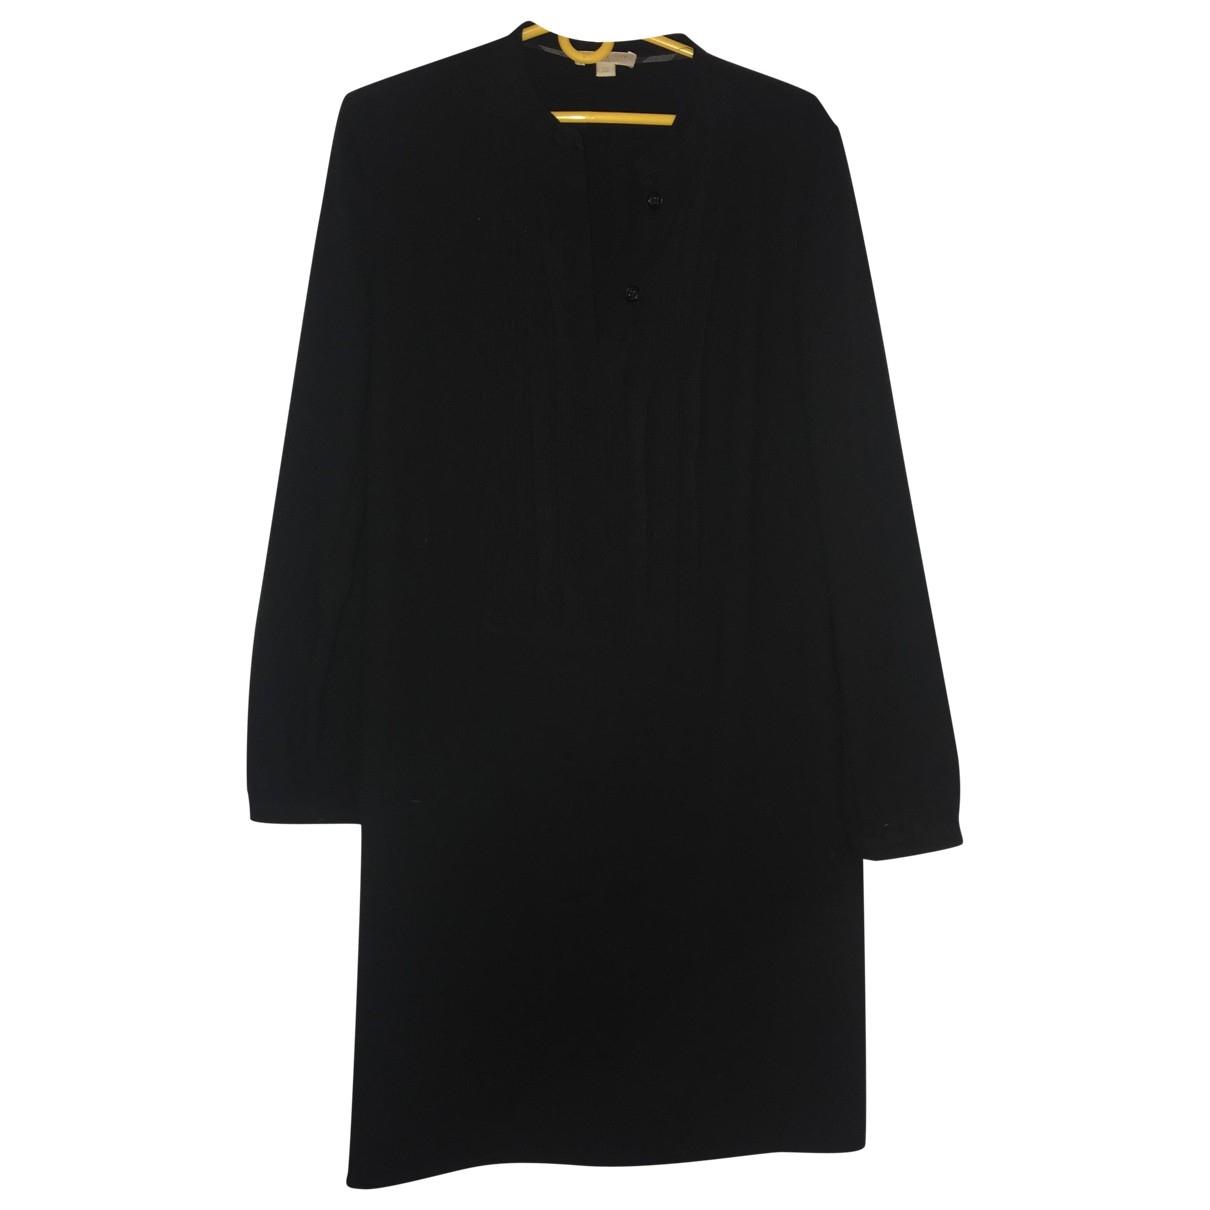 Burberry \N Black dress for Women 8 UK